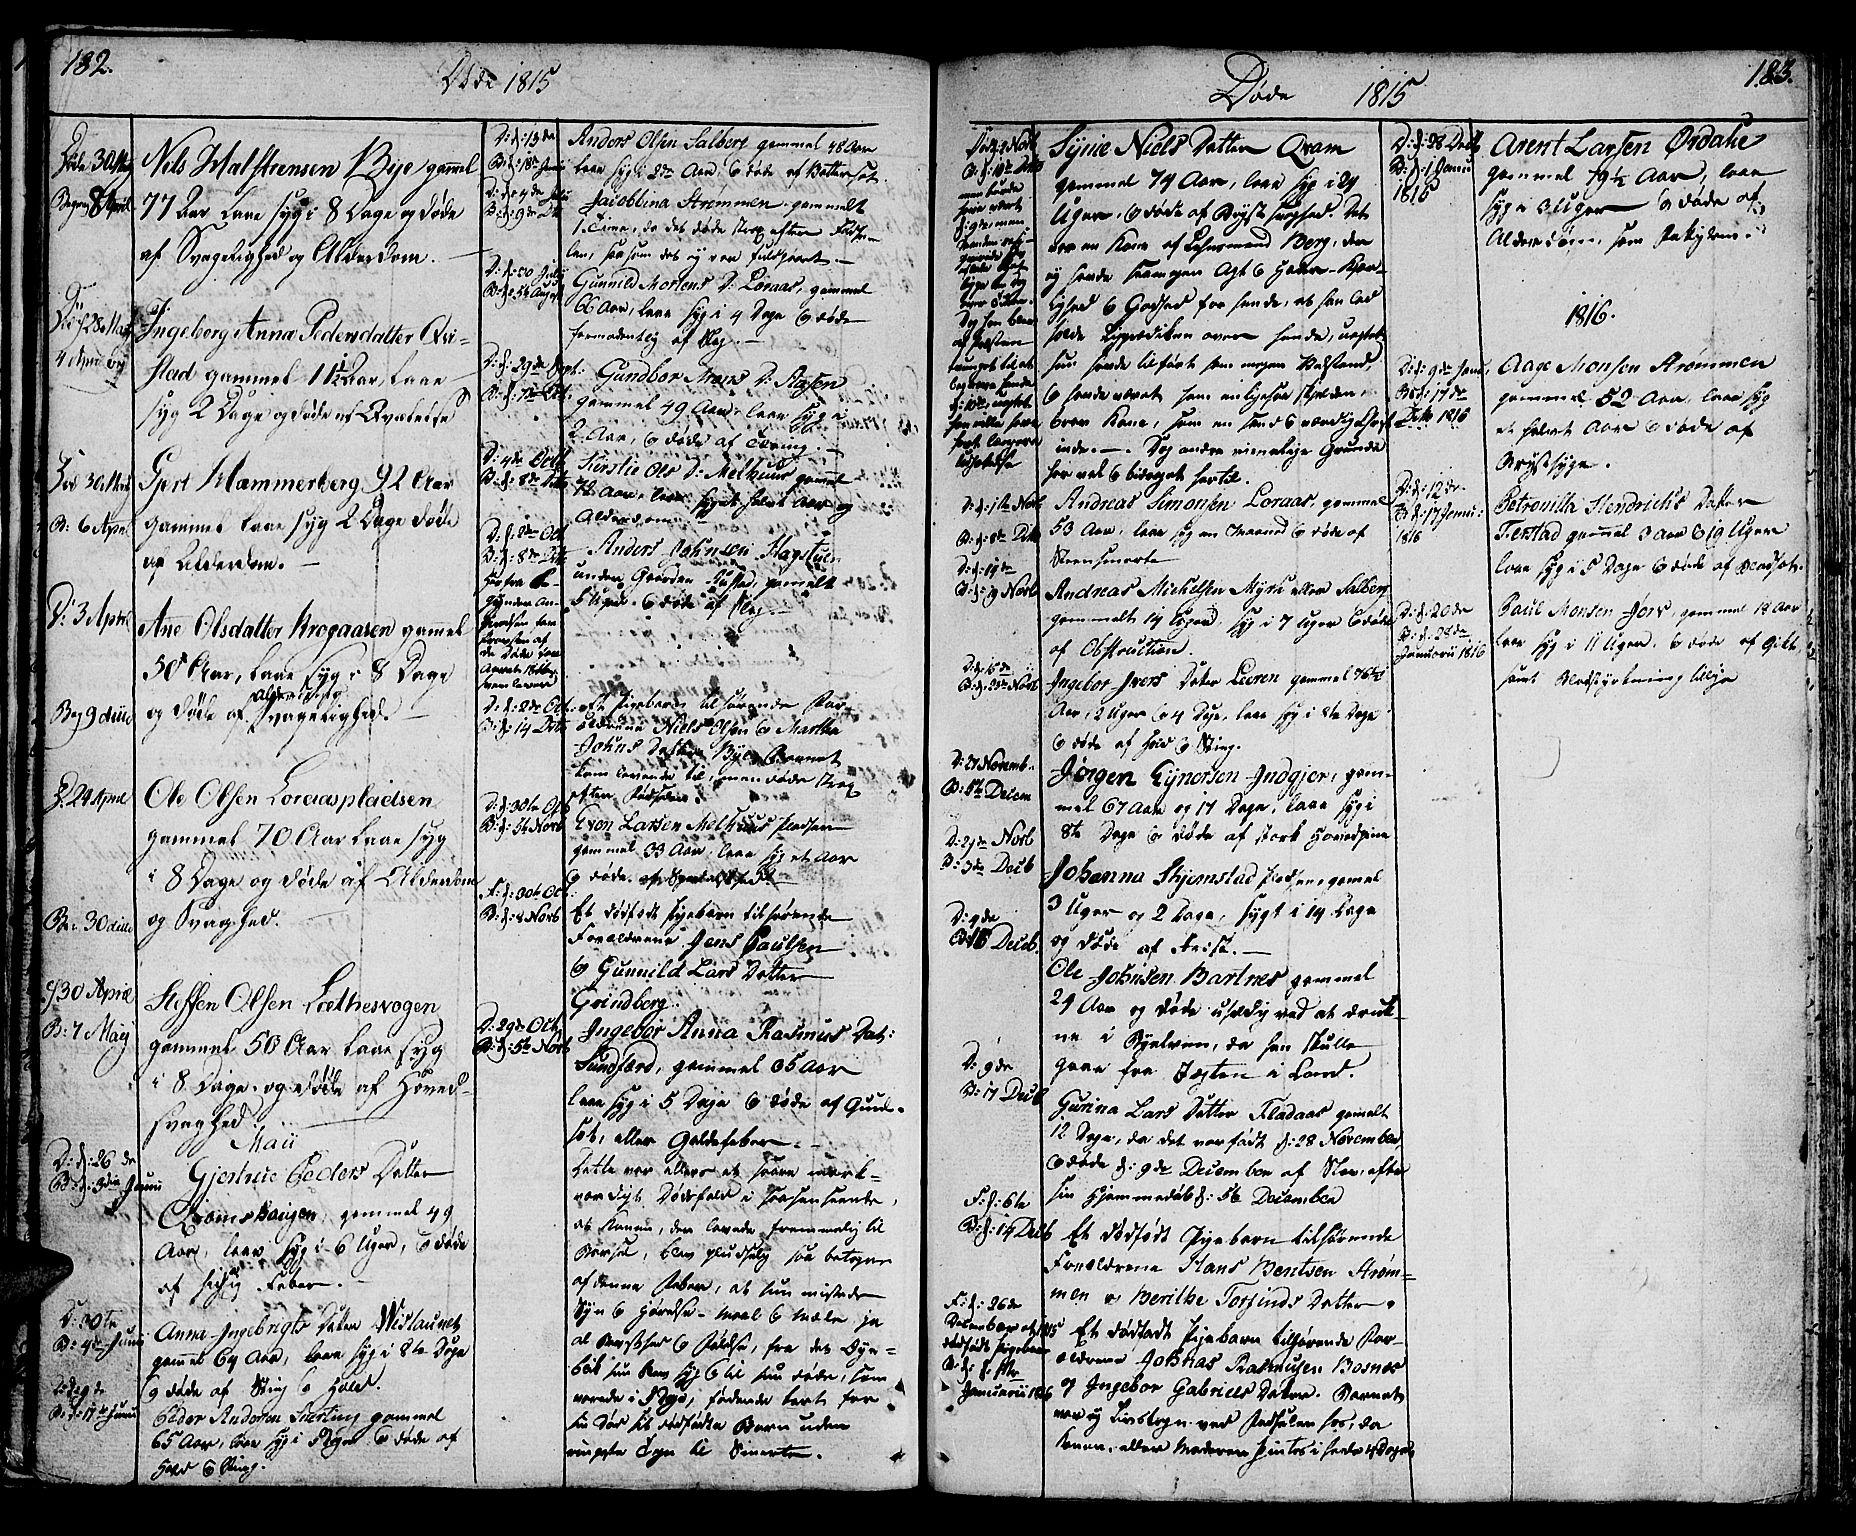 SAT, Ministerialprotokoller, klokkerbøker og fødselsregistre - Nord-Trøndelag, 730/L0274: Ministerialbok nr. 730A03, 1802-1816, s. 182-183